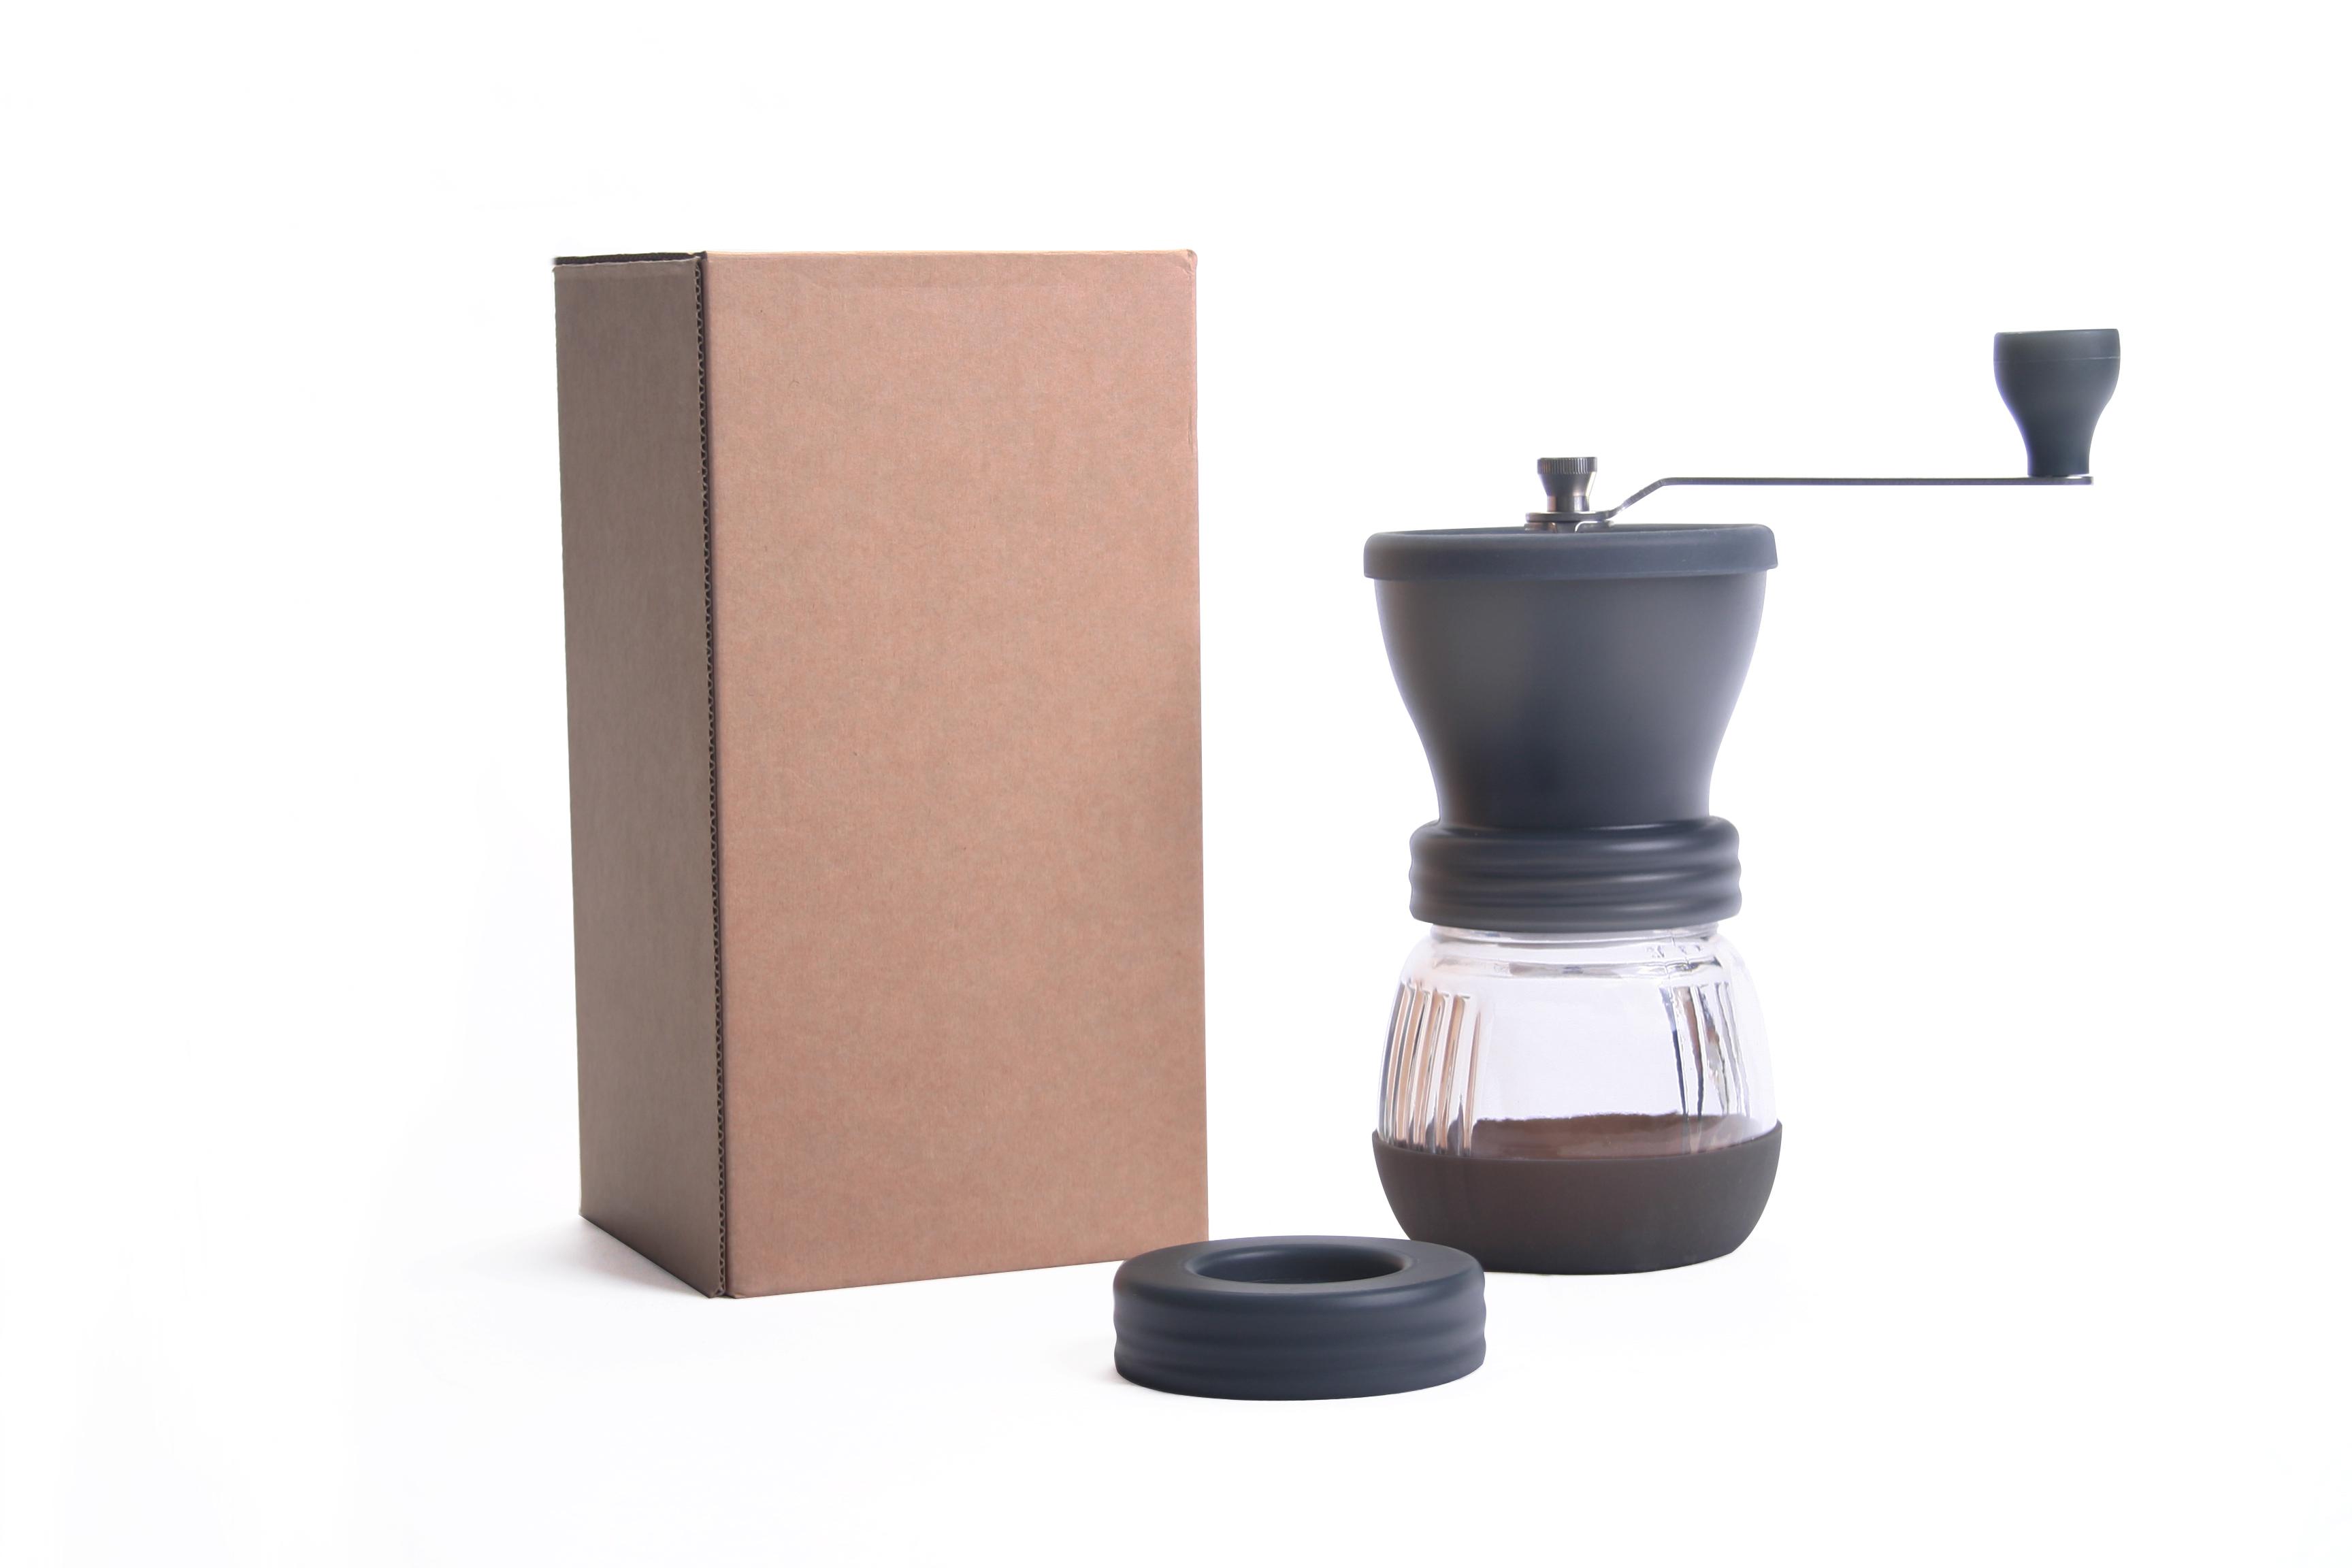 coffee grinder-